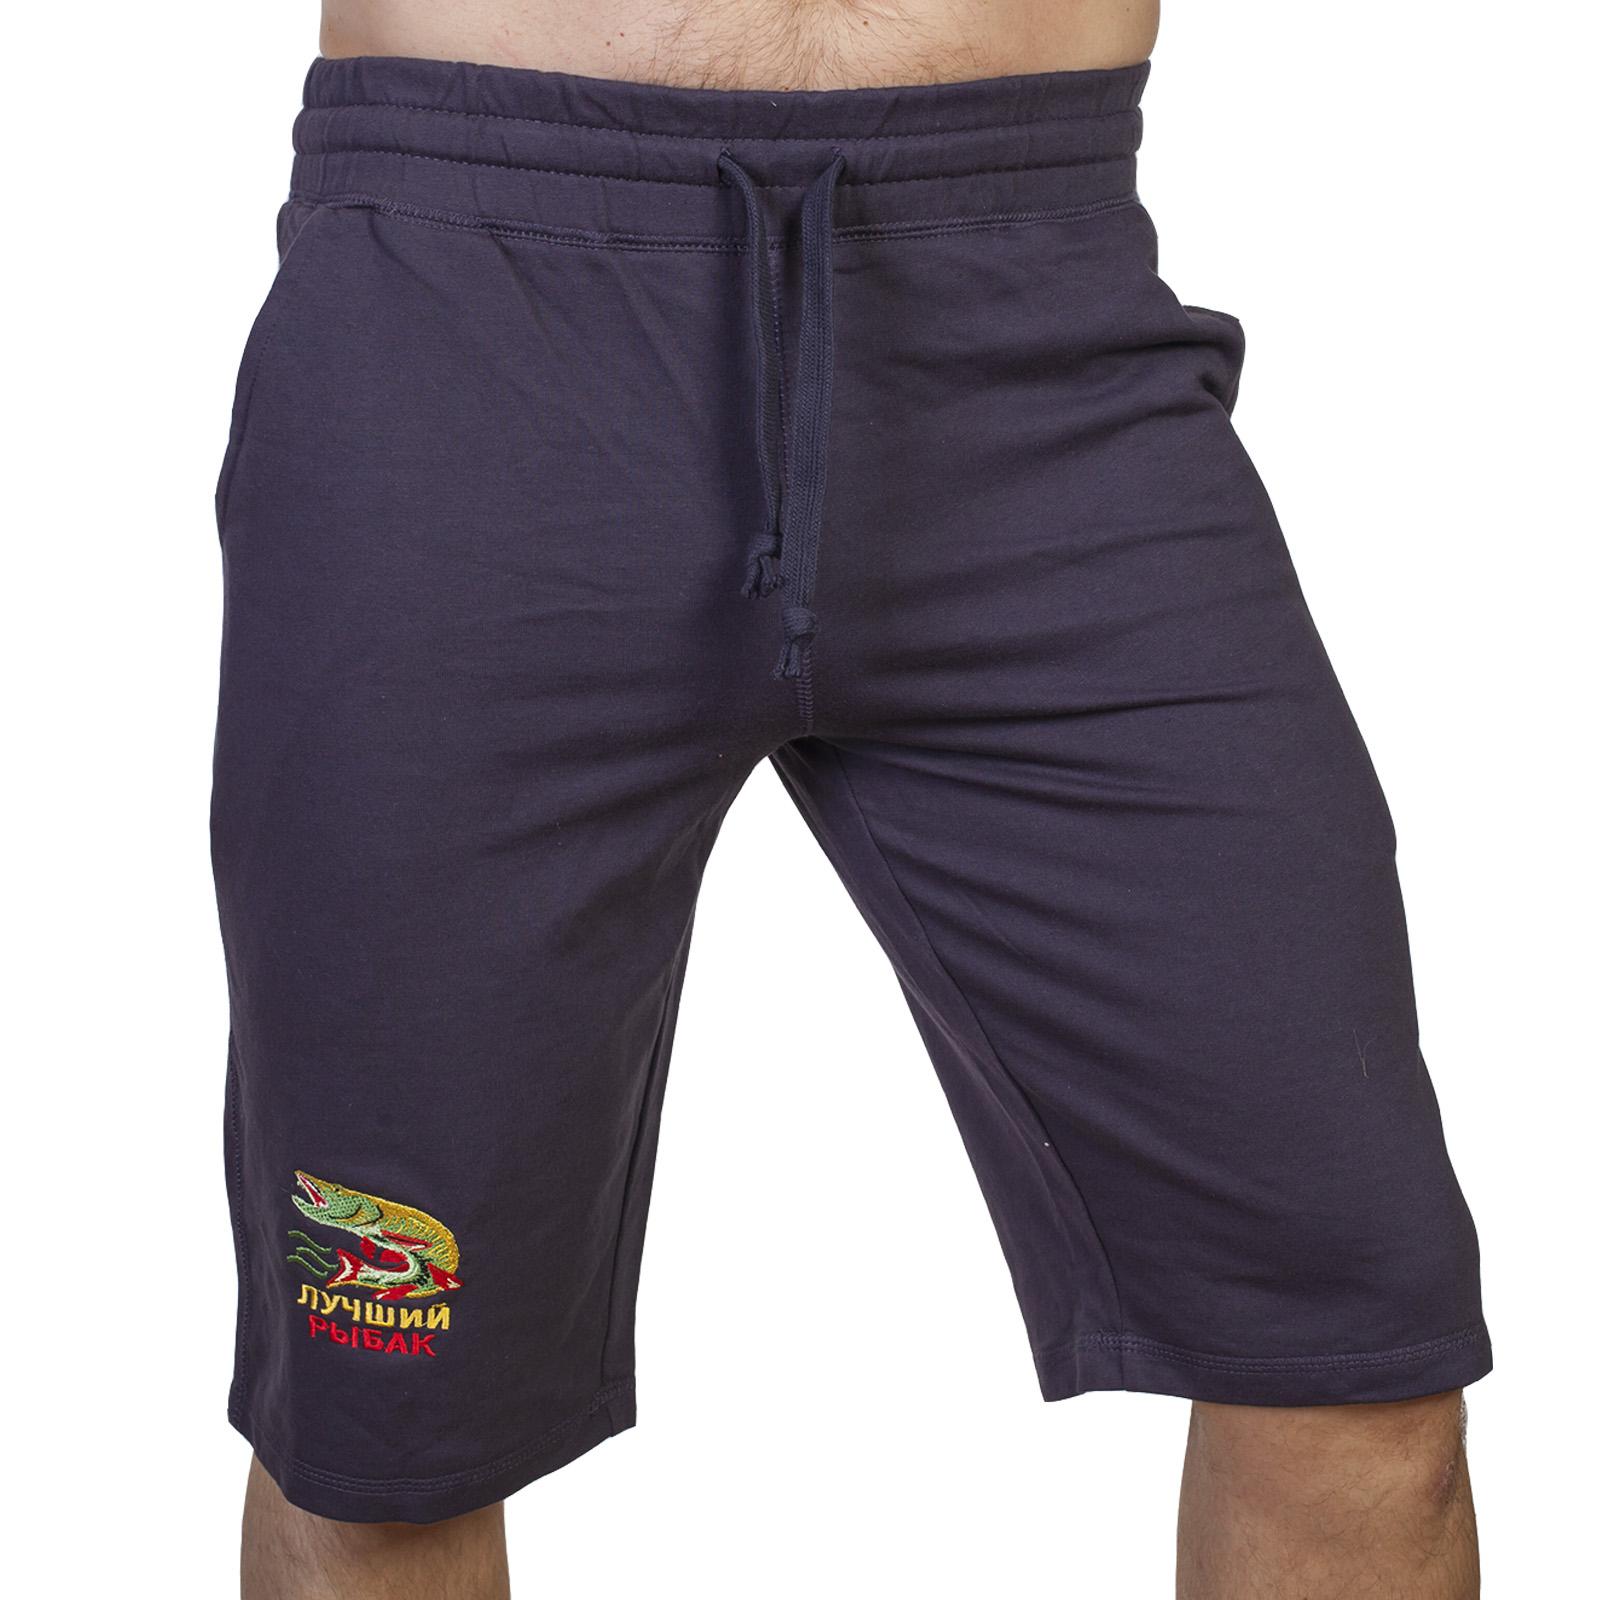 Оригинальные мужские шорты с вышивкой Лучший Рыбак - лучшее качество, отличная цена, идеальный подарок!